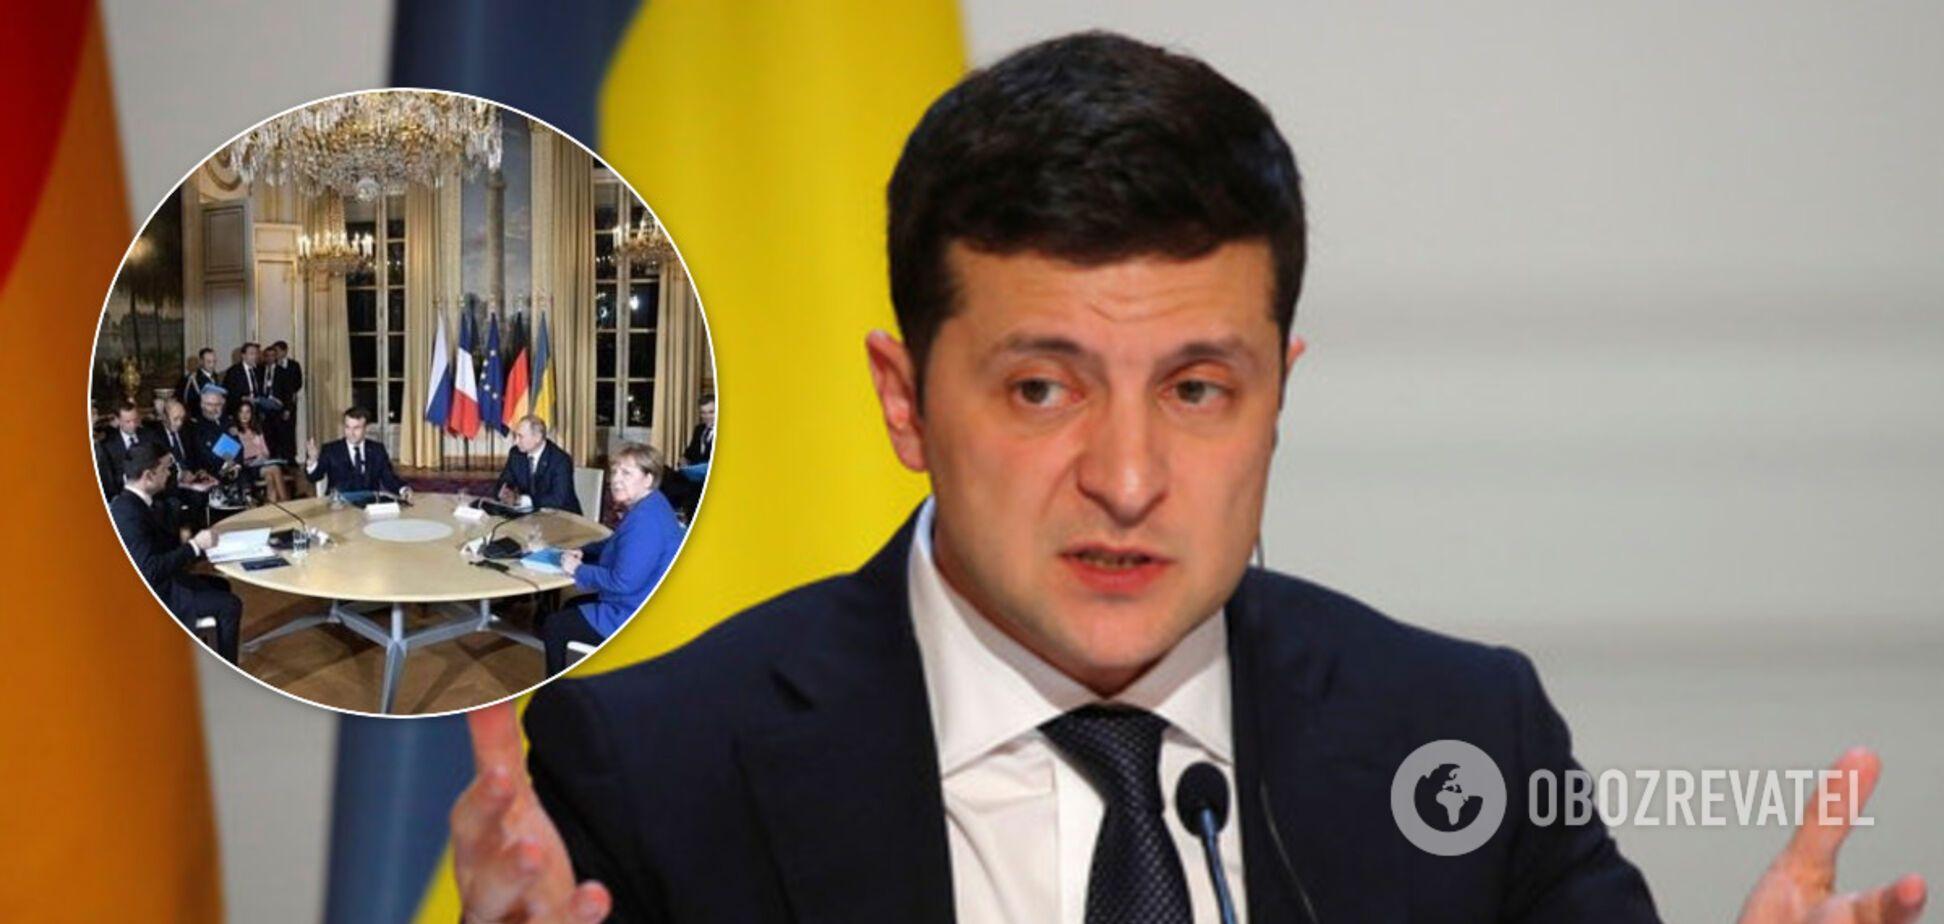 В 'Слуге народа' заявили, что Зеленский 'сшивает' Украину